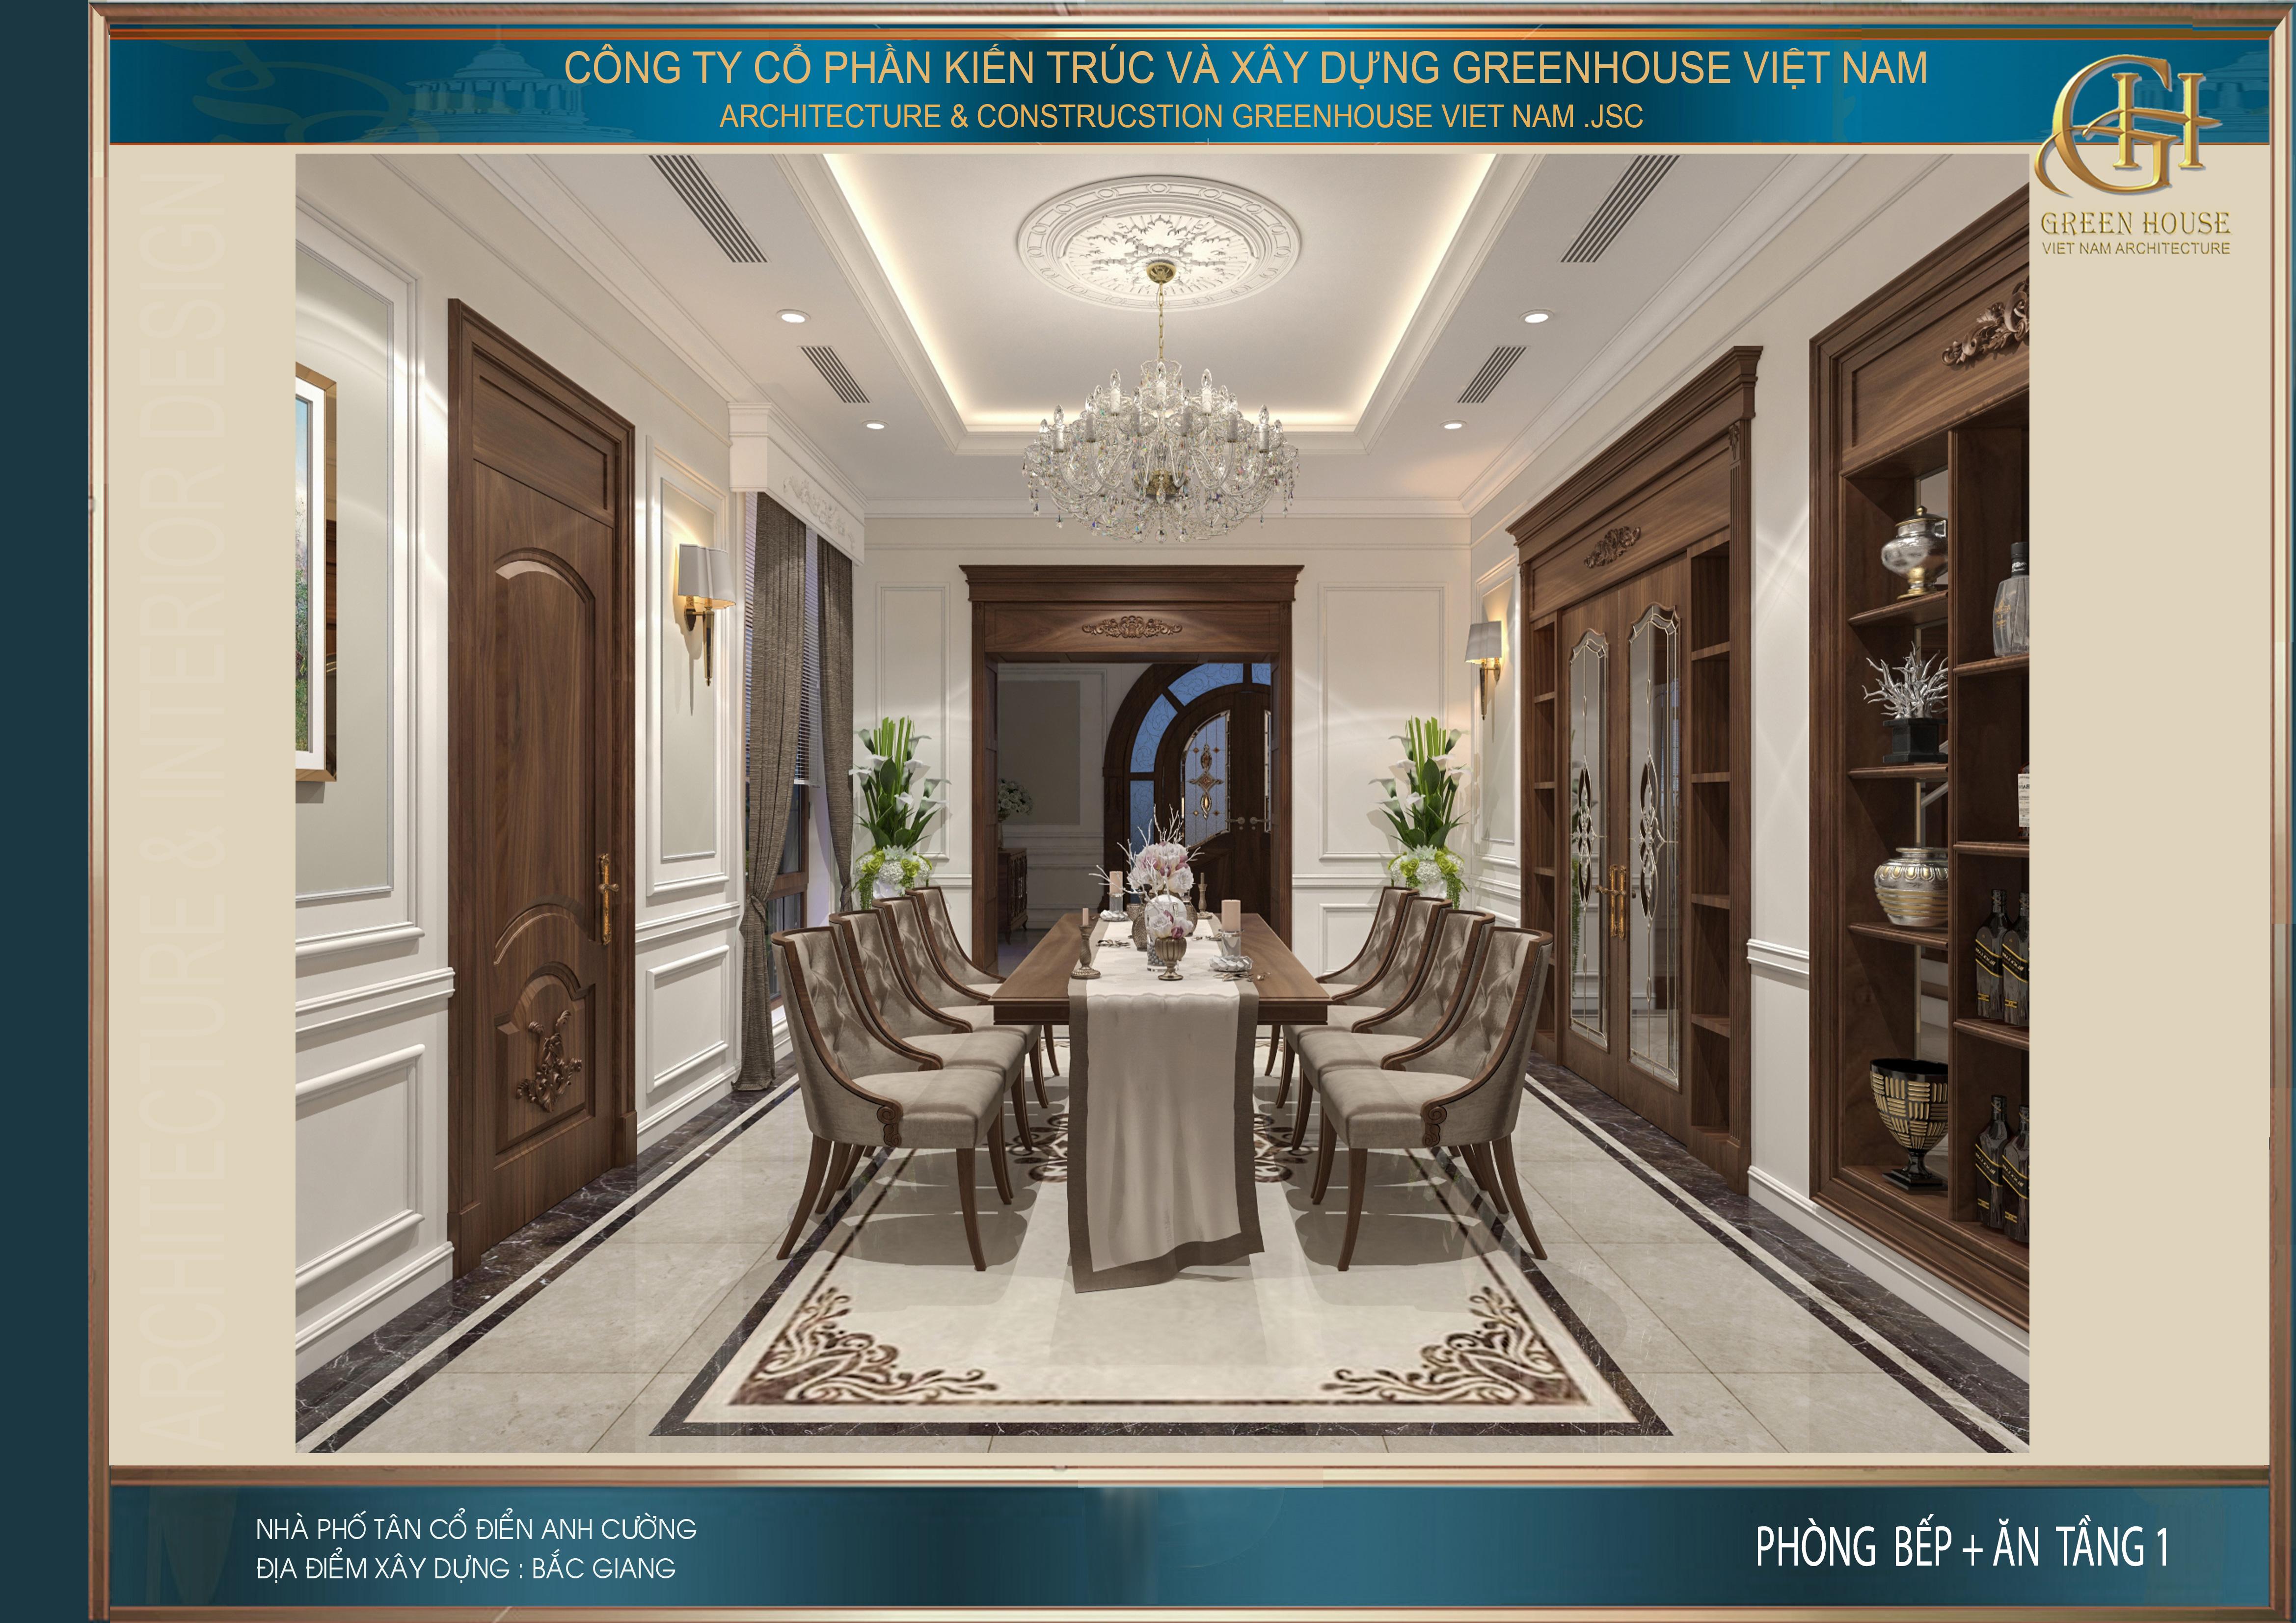 Ngoài ra còn là sự lựa chọn phụ kiện decor đẹp, tinh tế và cao cấp cho phòng ăn thêm sang trọng